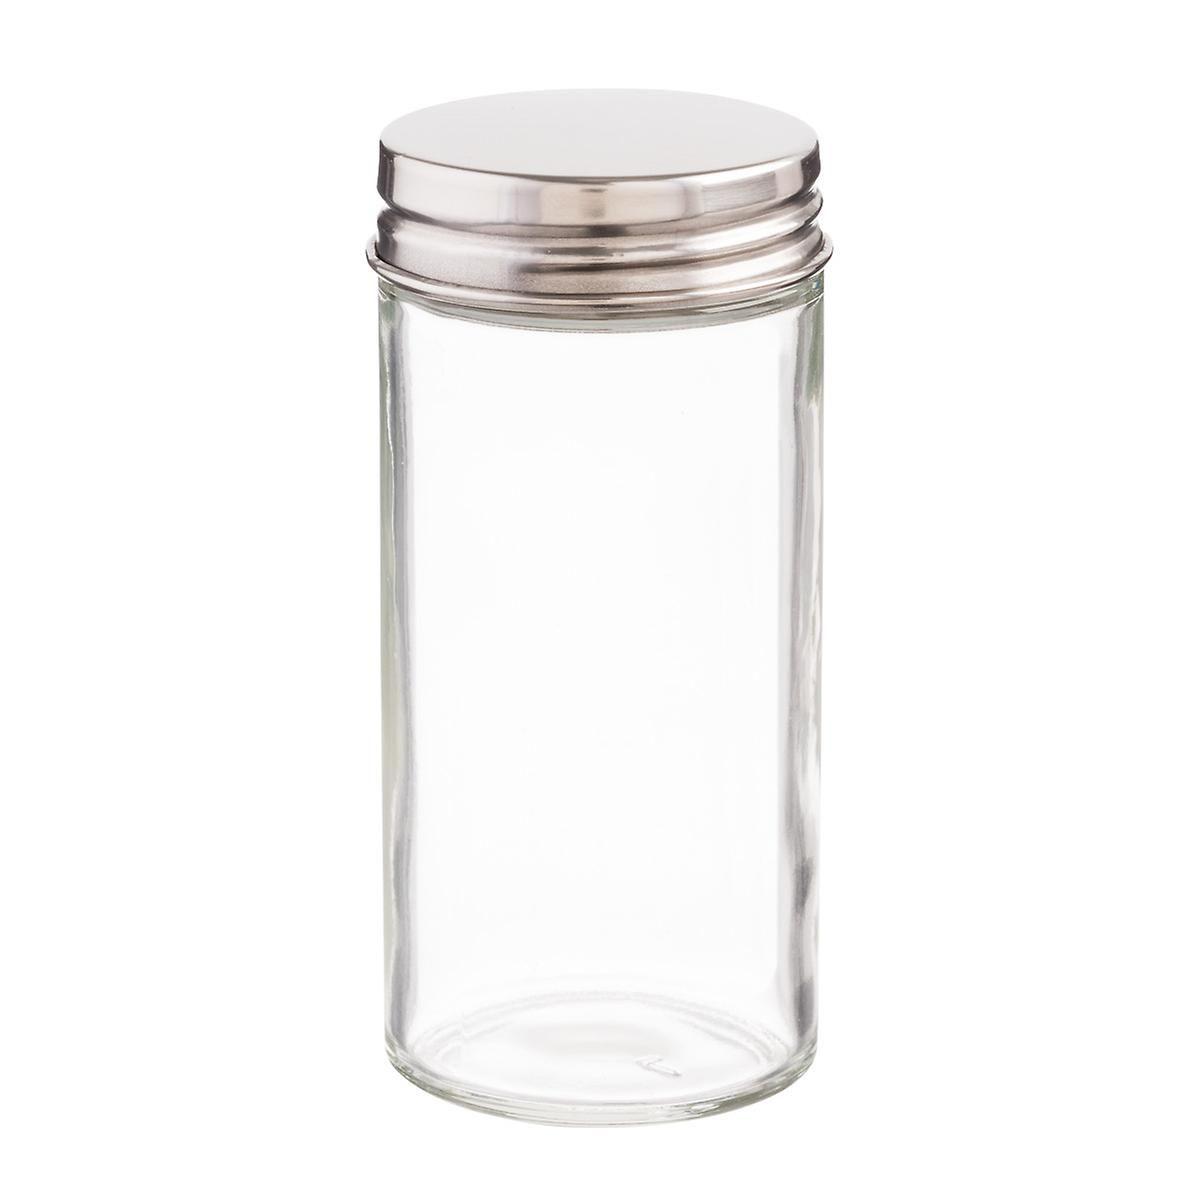 3 oz glass spice bottle with chrome lid cake spice bottles kitchen spice racks spice jars. Black Bedroom Furniture Sets. Home Design Ideas